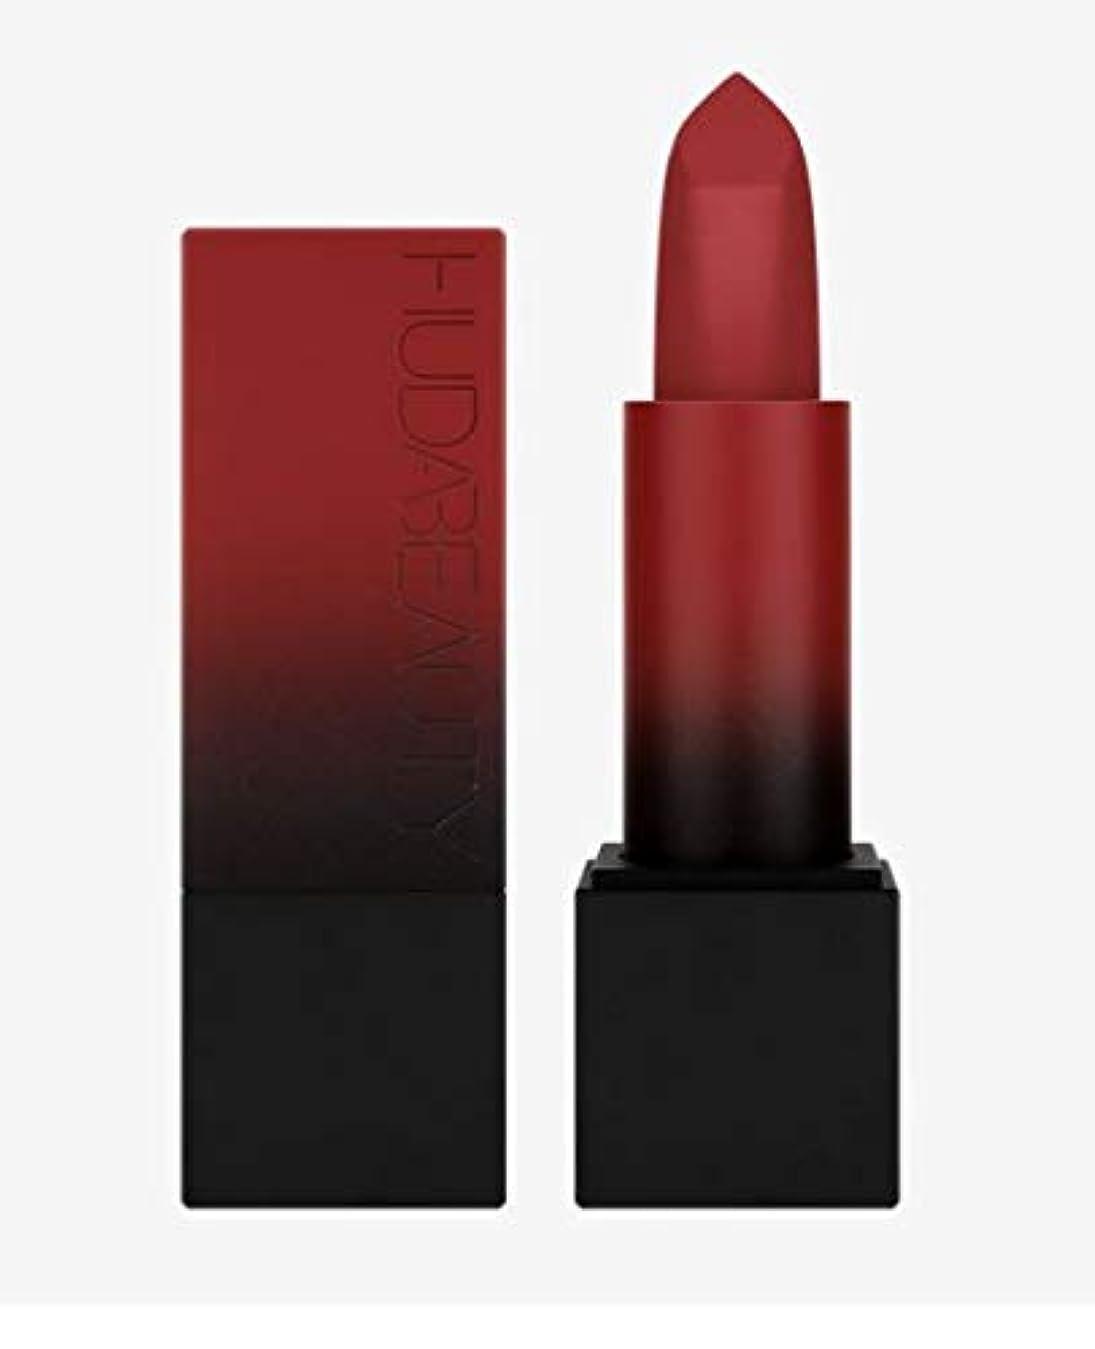 追い払う人工的な尊敬するHudabeauty Power Bullet Matte Lipstick マットリップ Promotion Day